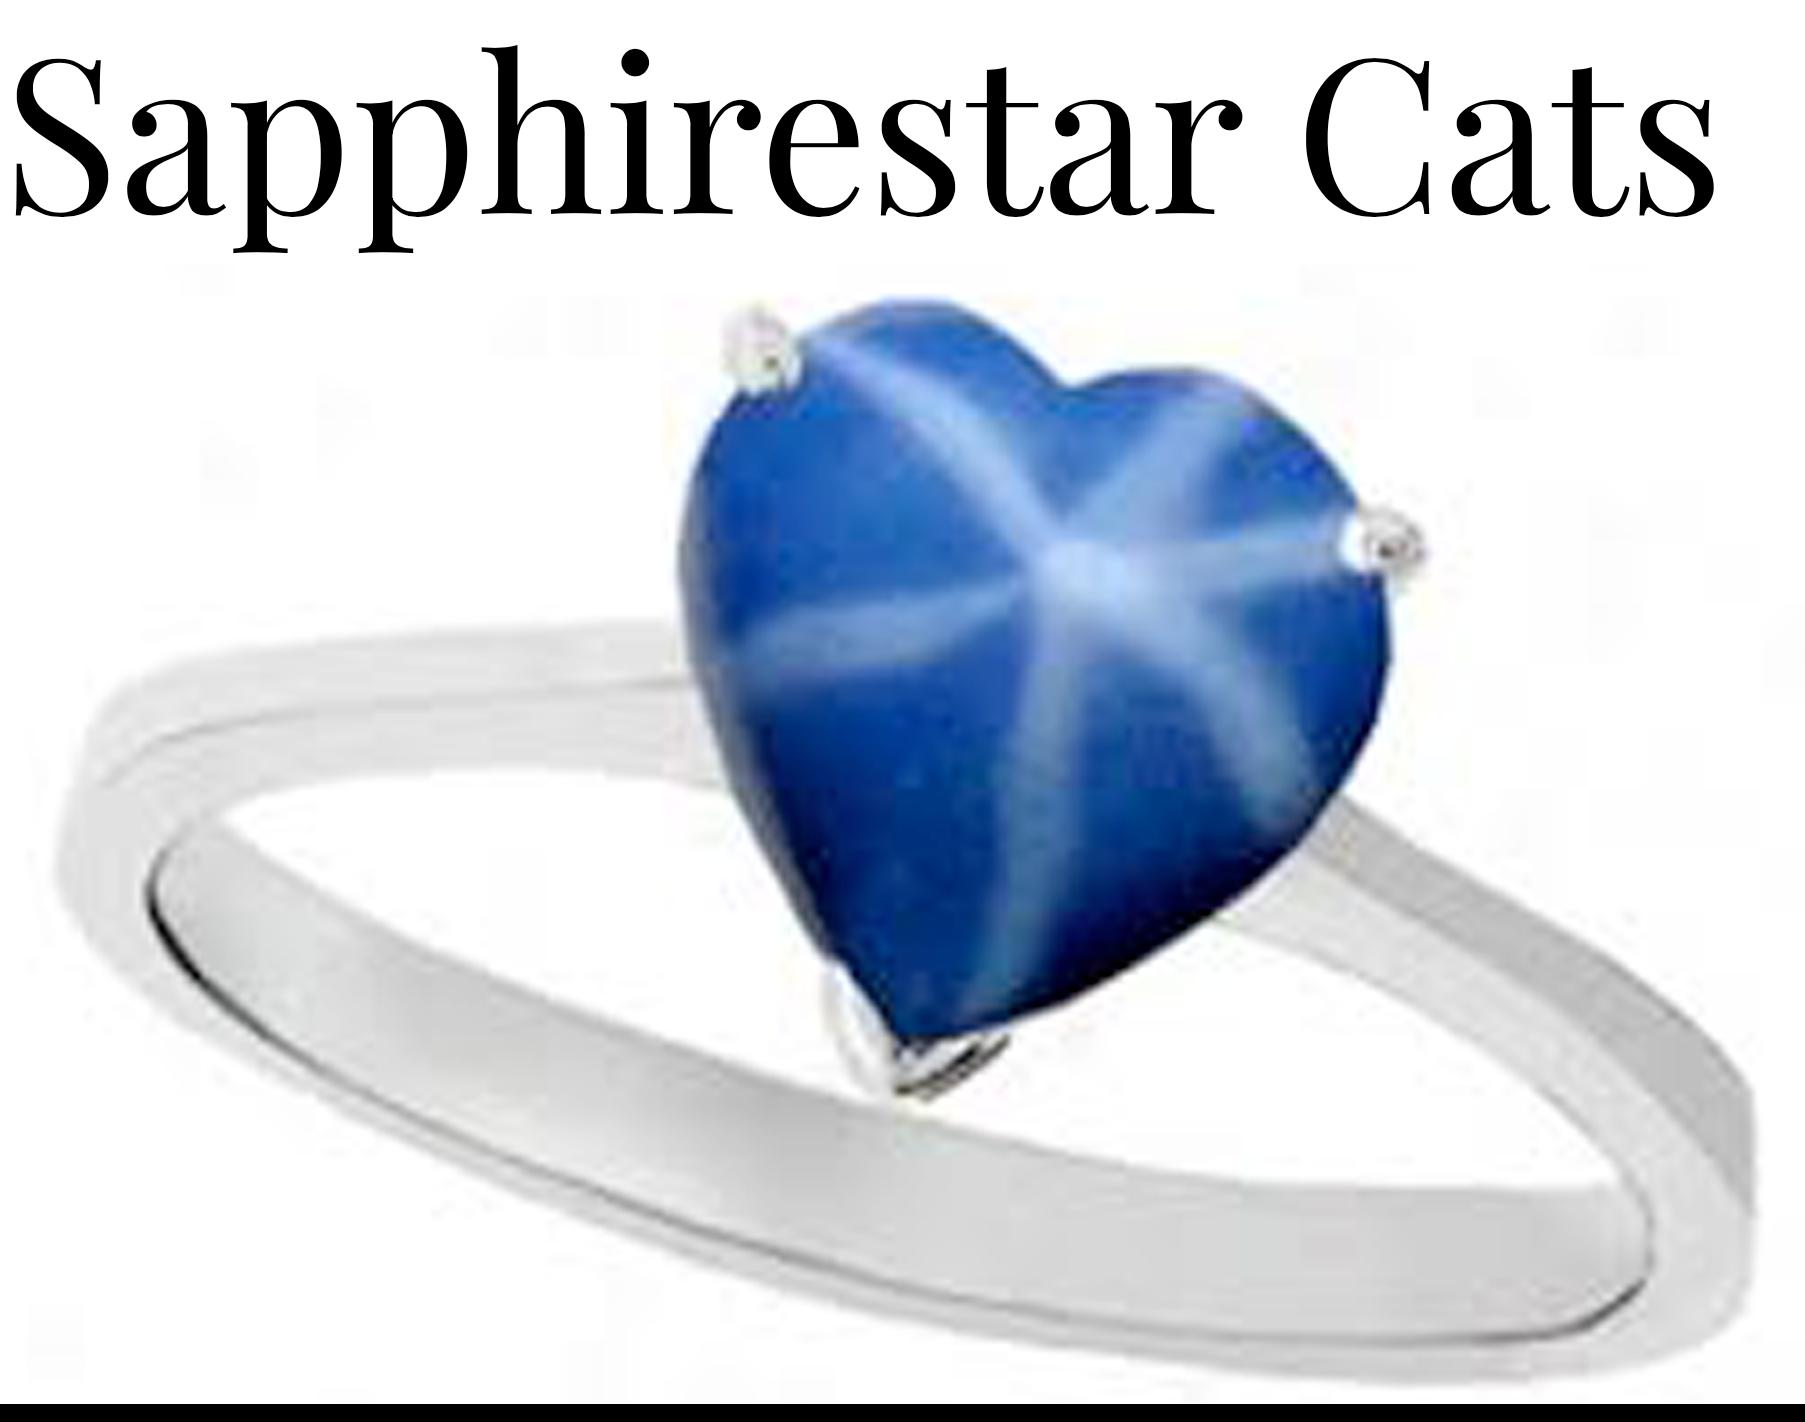 Sapphirestar Cats